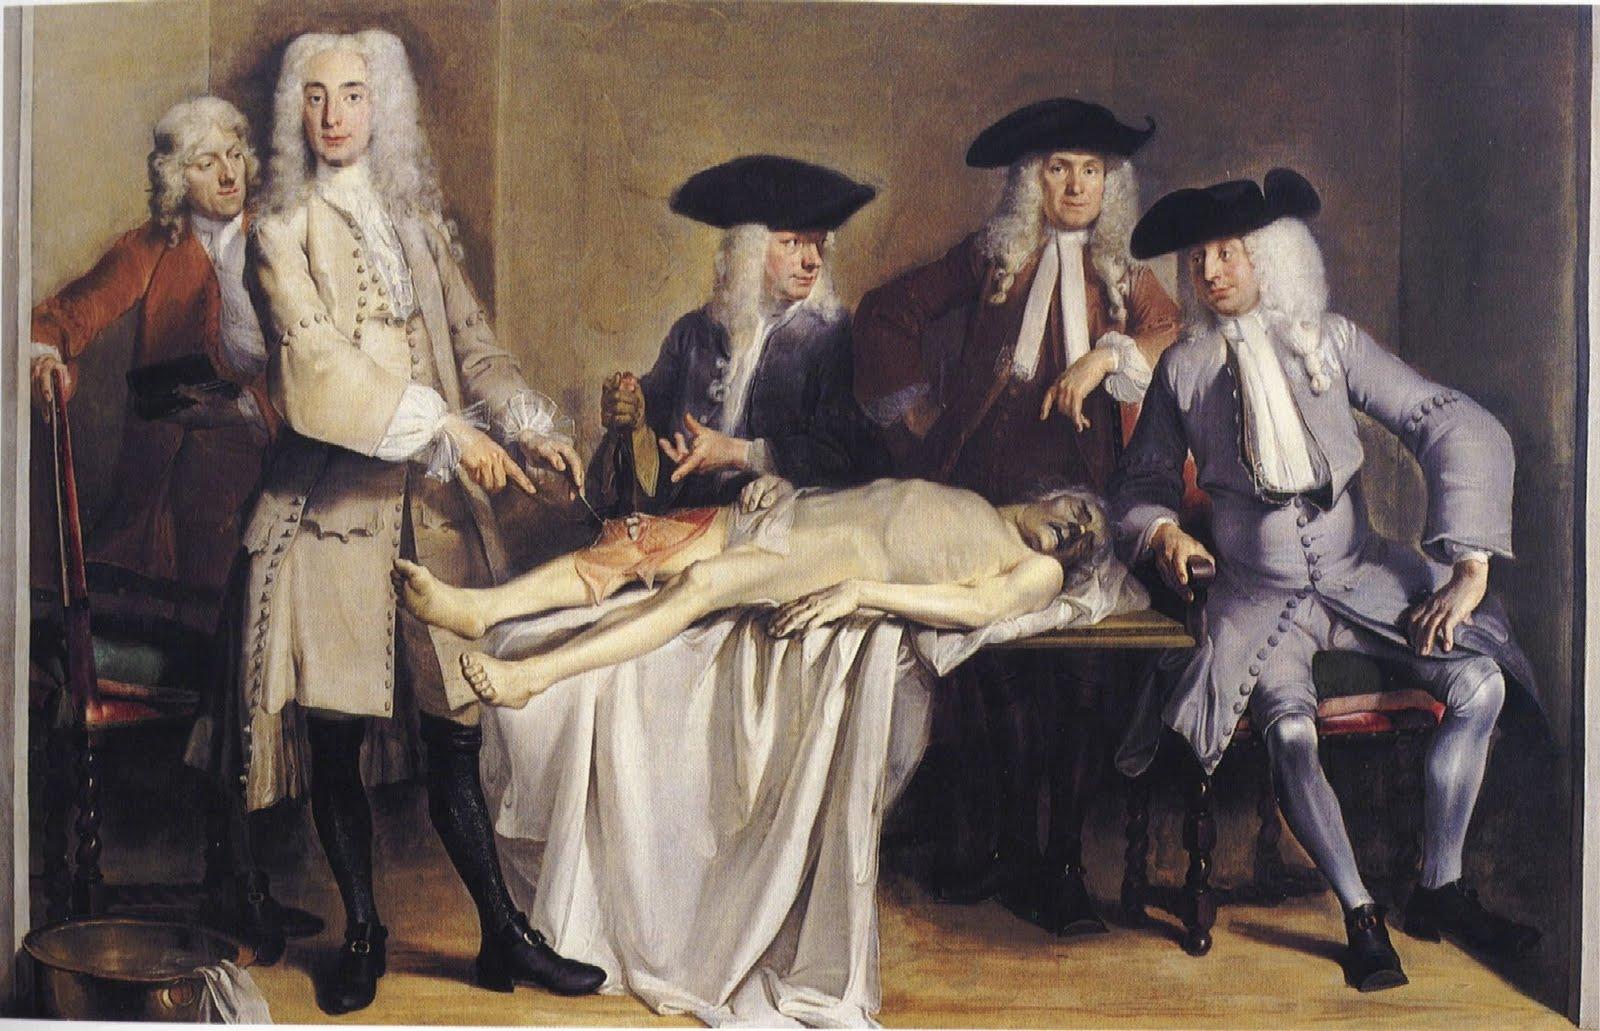 Las lecciones de anatomía - El Estudio del Pintor